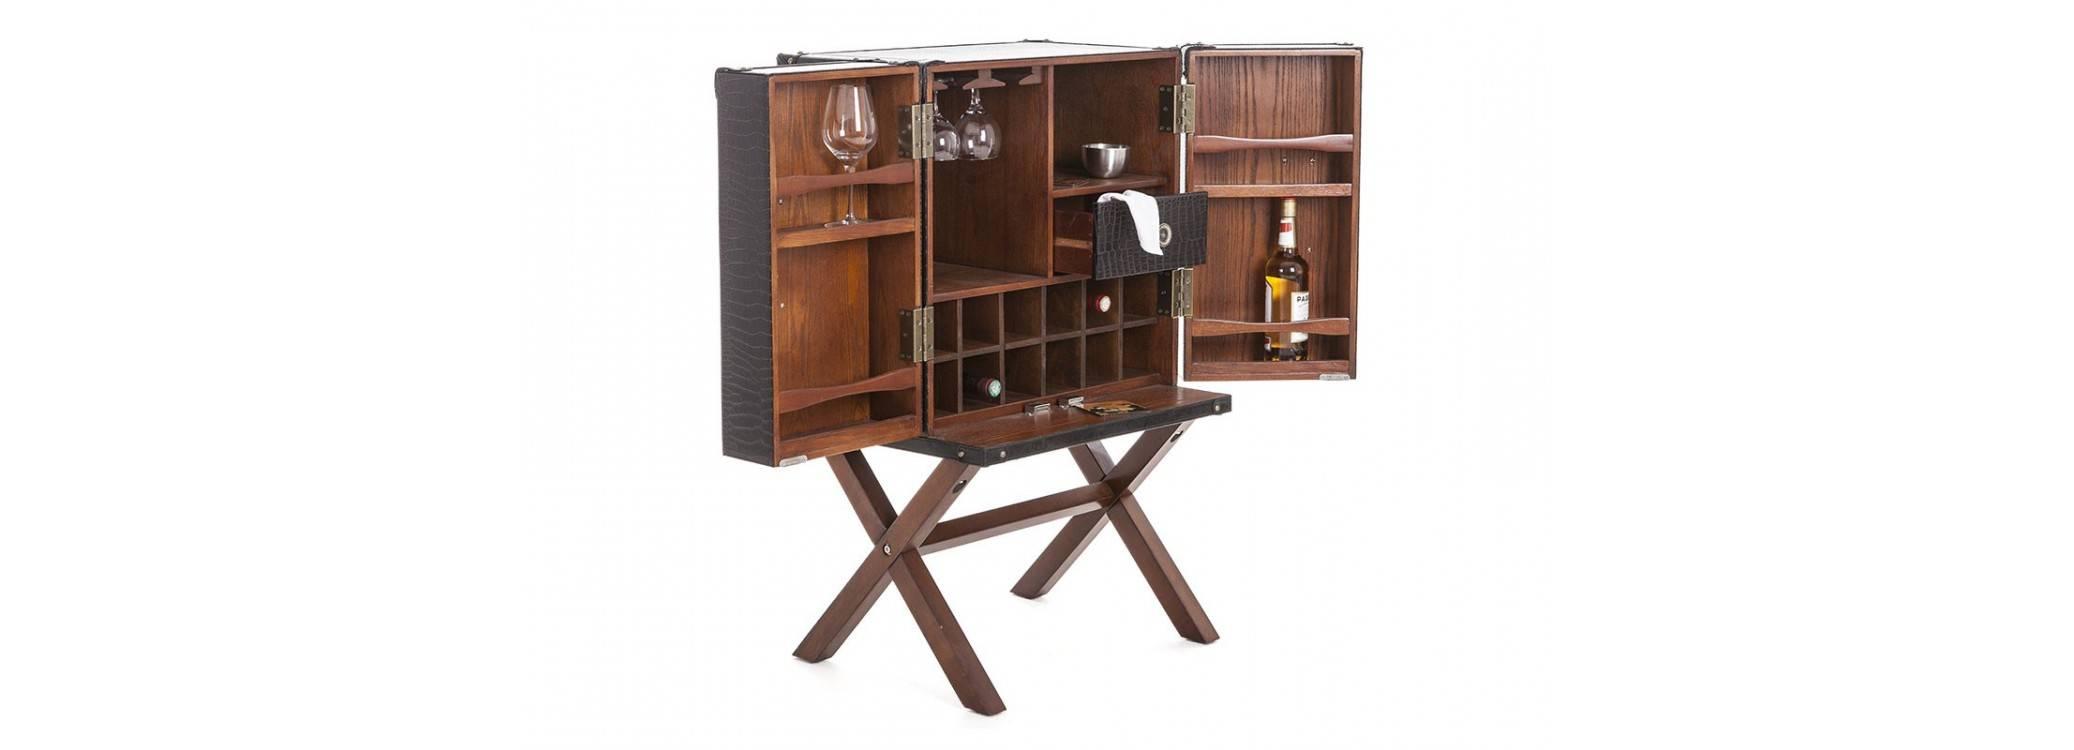 Malle-bar sur stand Cap Horn petit modèle - Marron foncé façon croco